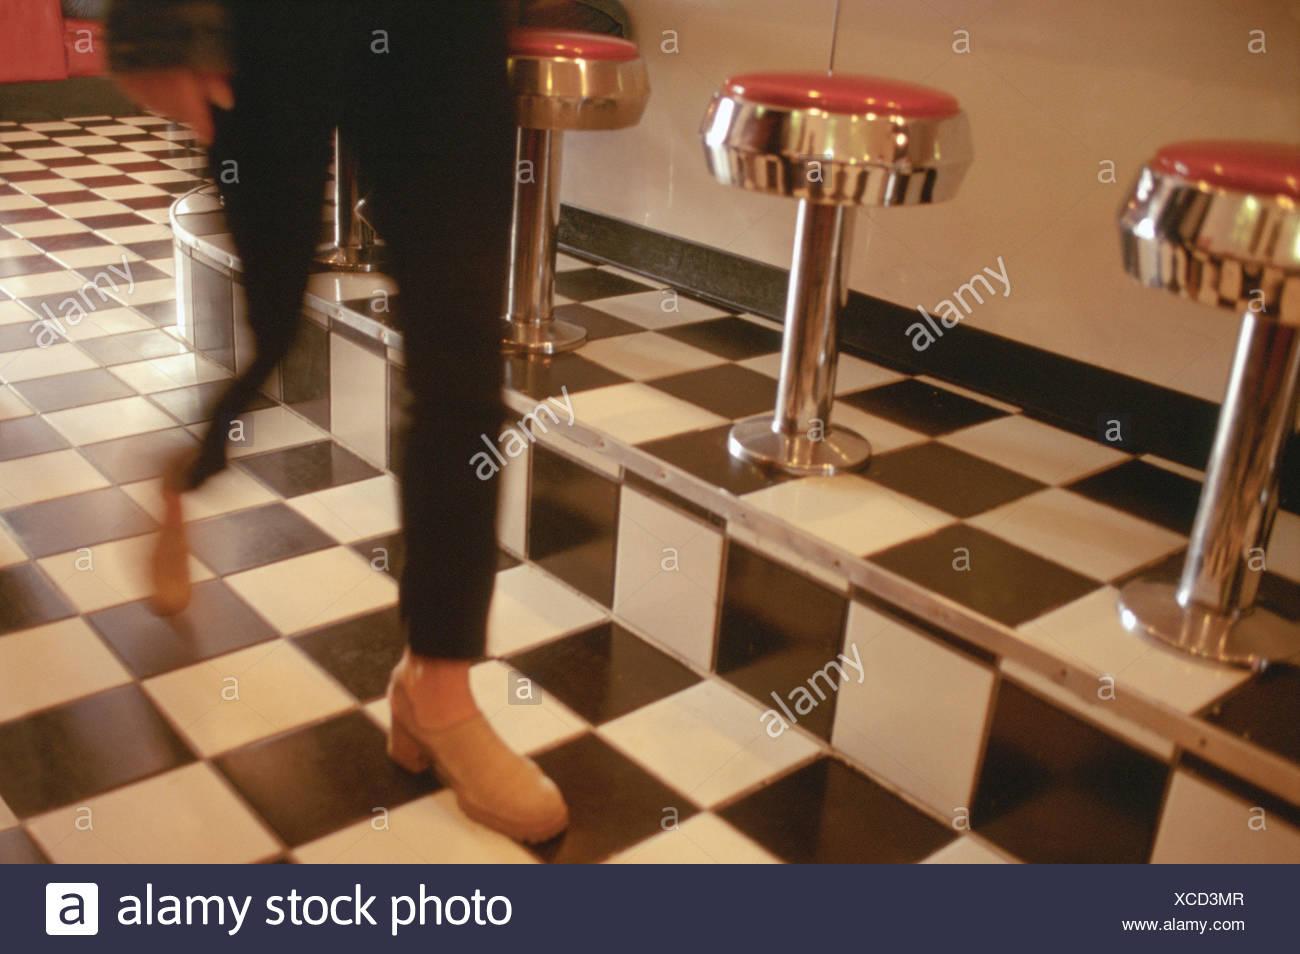 Pavimento Rosso E Bianco : La donna in pantaloni neri e scarpe rosso camminando sul pavimento